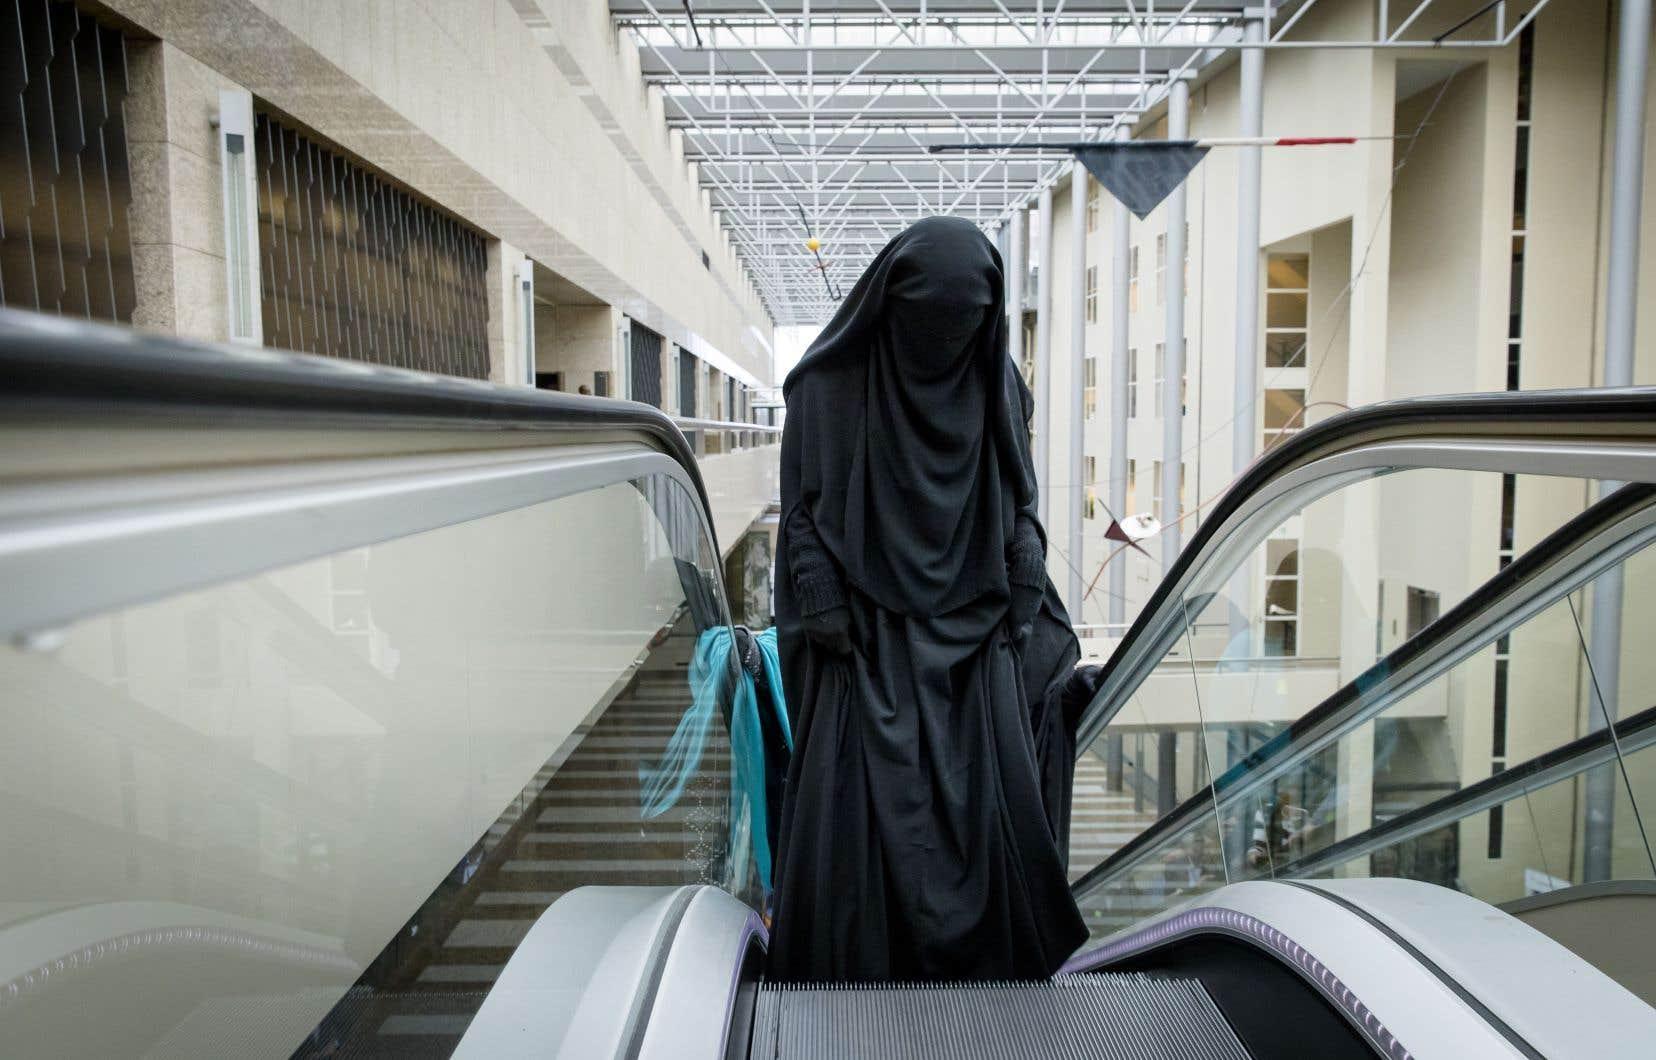 La loi concerne, selon les estimations, entre 200 et 400 femmes qui portent la burqa ou le niqab, dans un pays qui compte 17millions d'habitants.